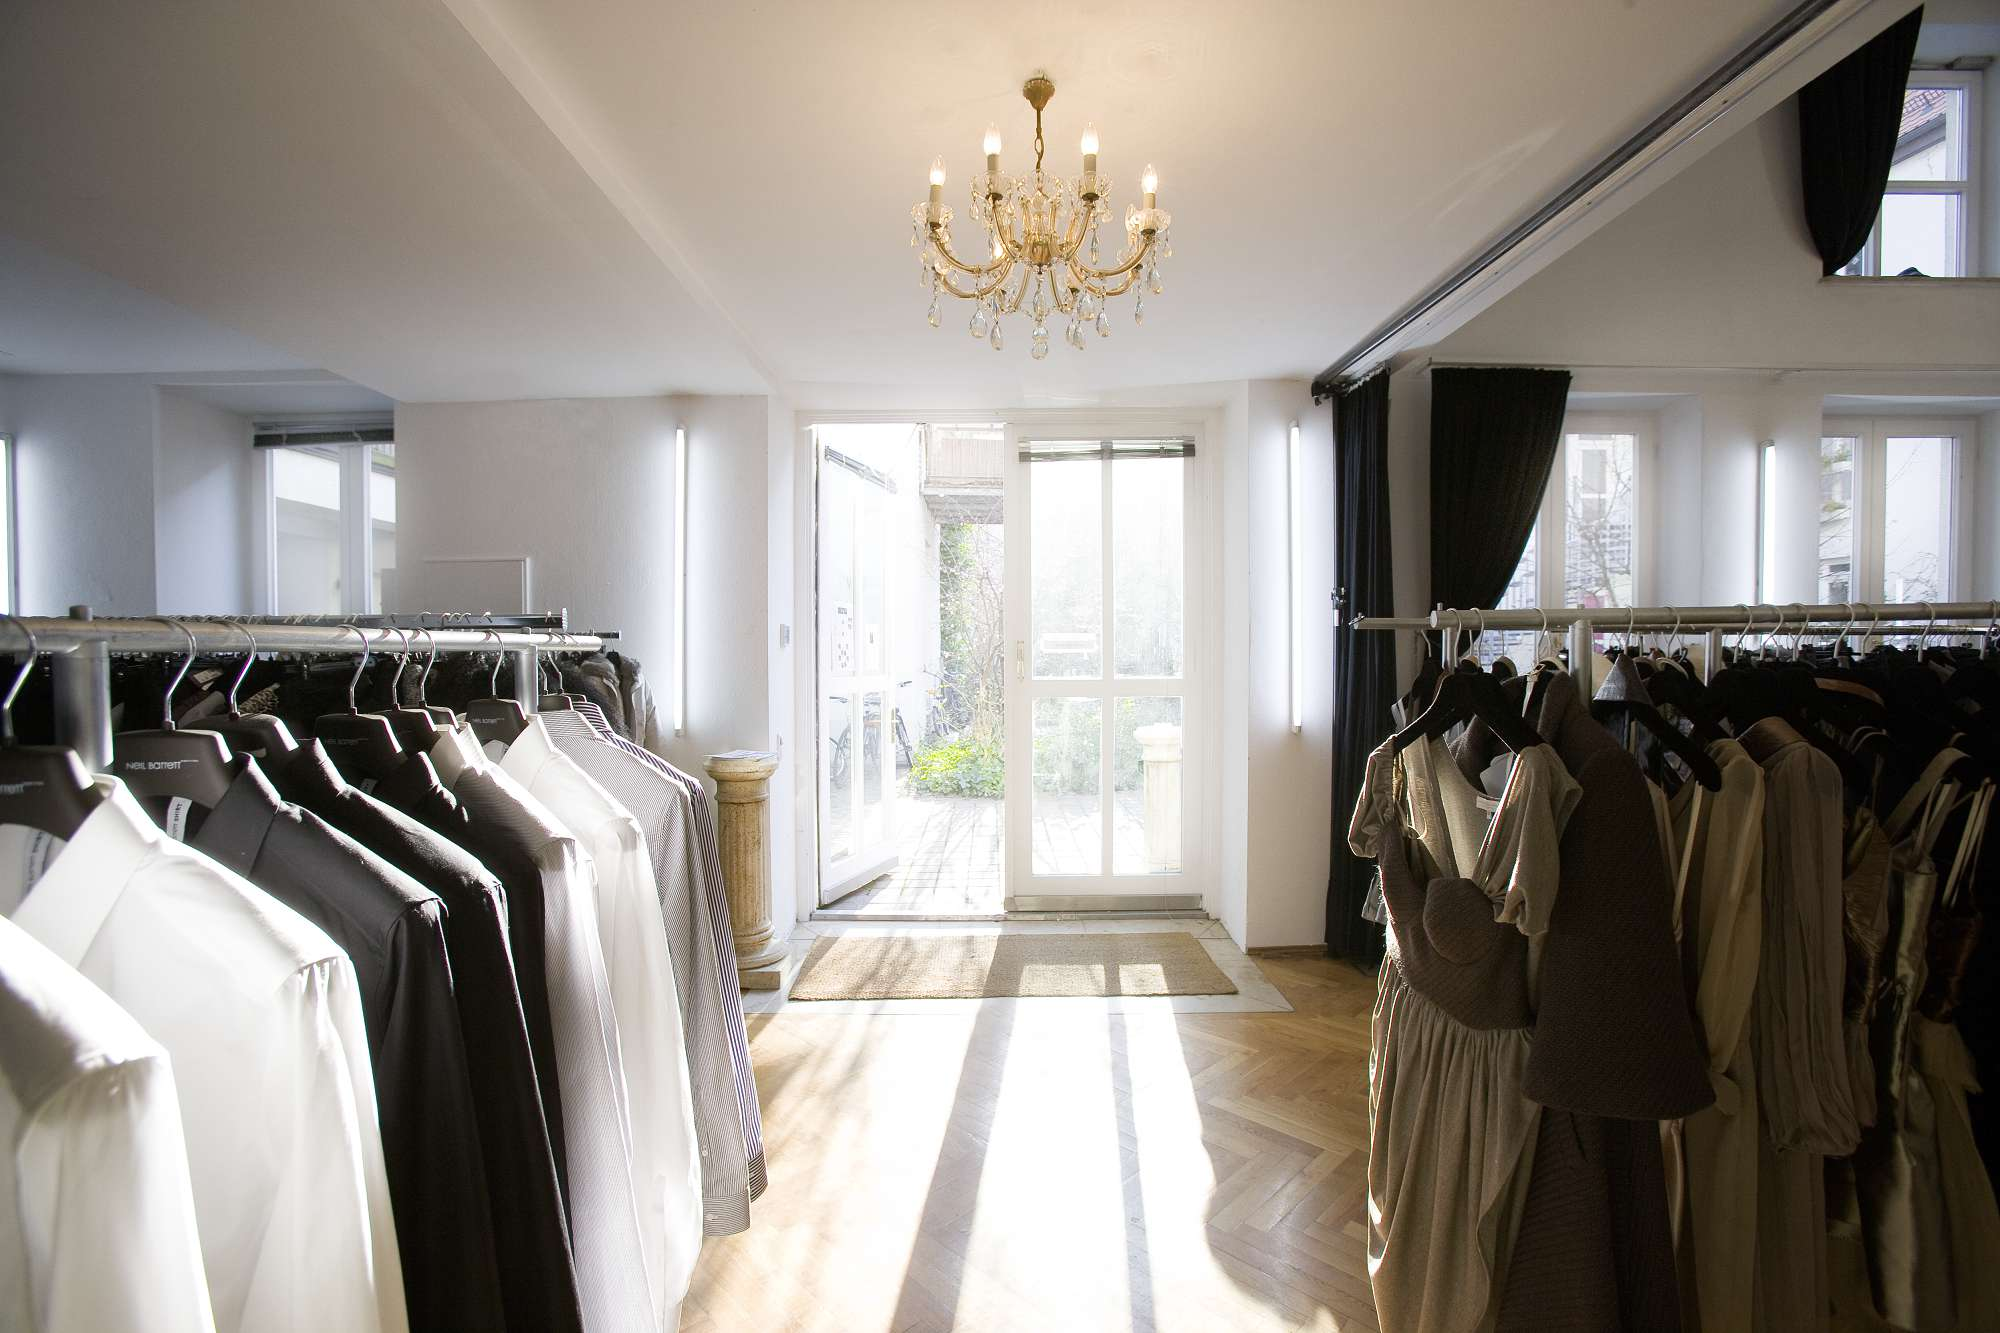 isartalstudio showroom |  toller raum. tolles licht, viel platz, das ideale ambiente für showrooms |  pdf download